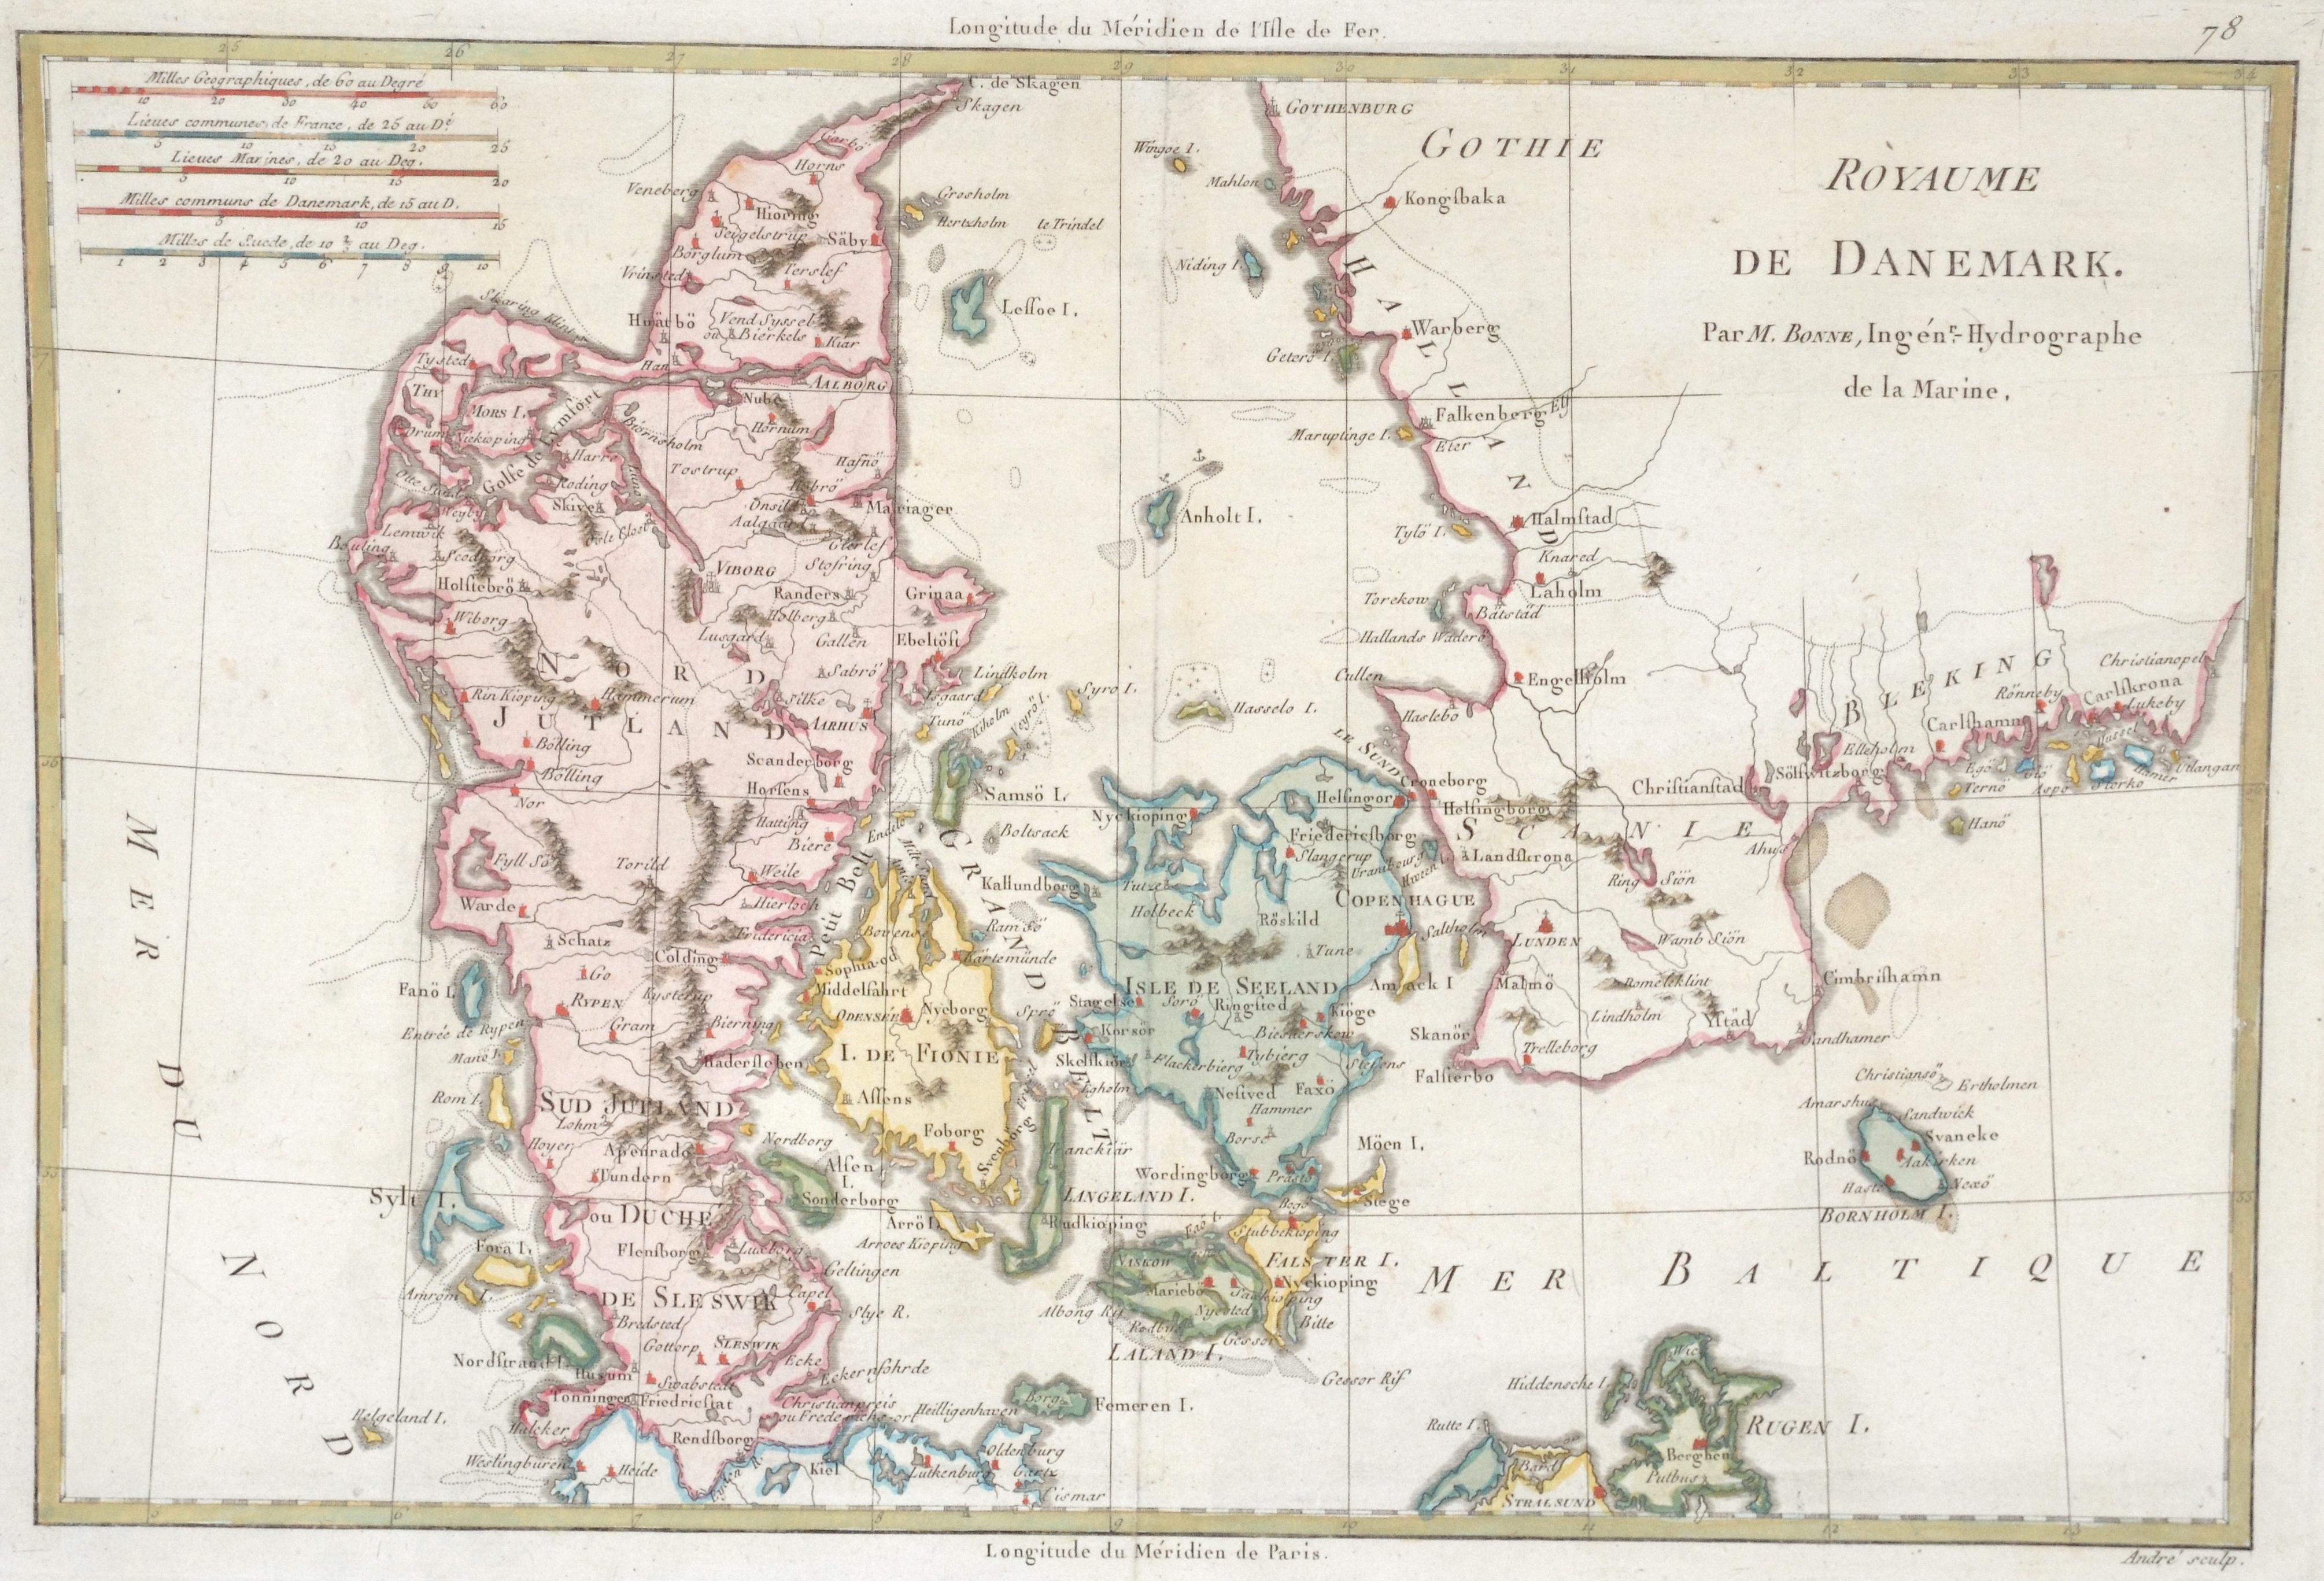 Bonne  Ròyaume de Danemark.